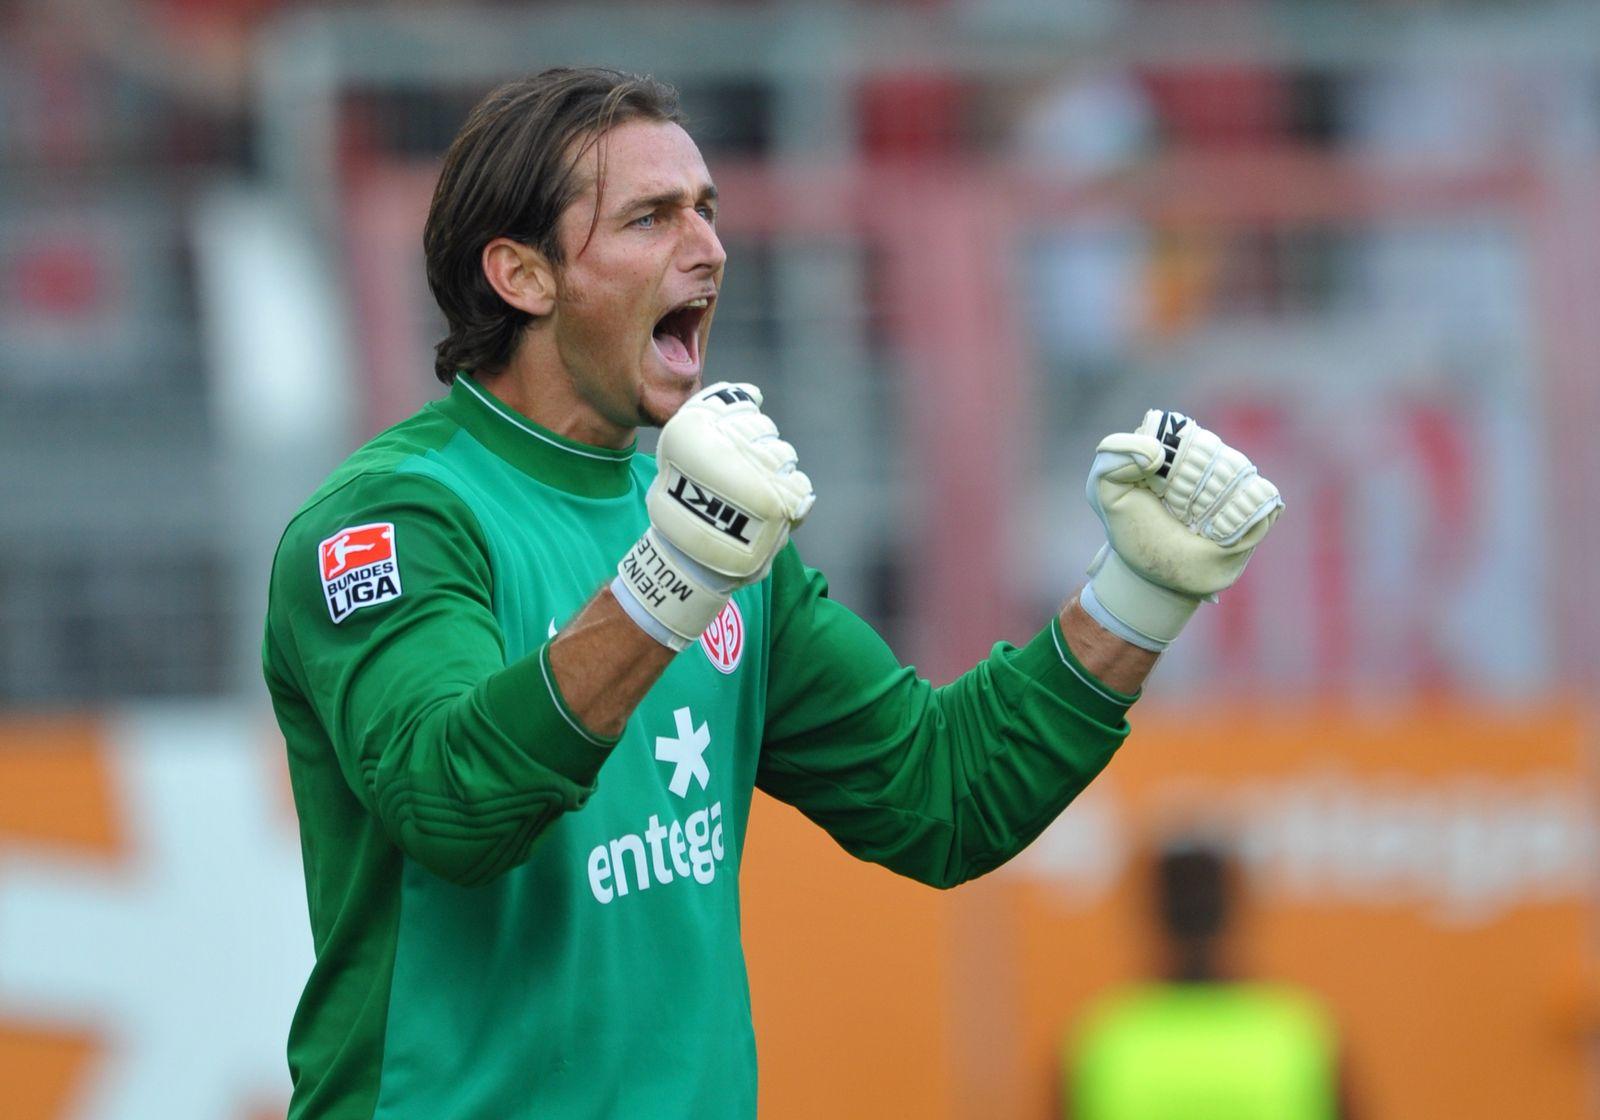 Heinz Müller / 1. FSV Mainz 05